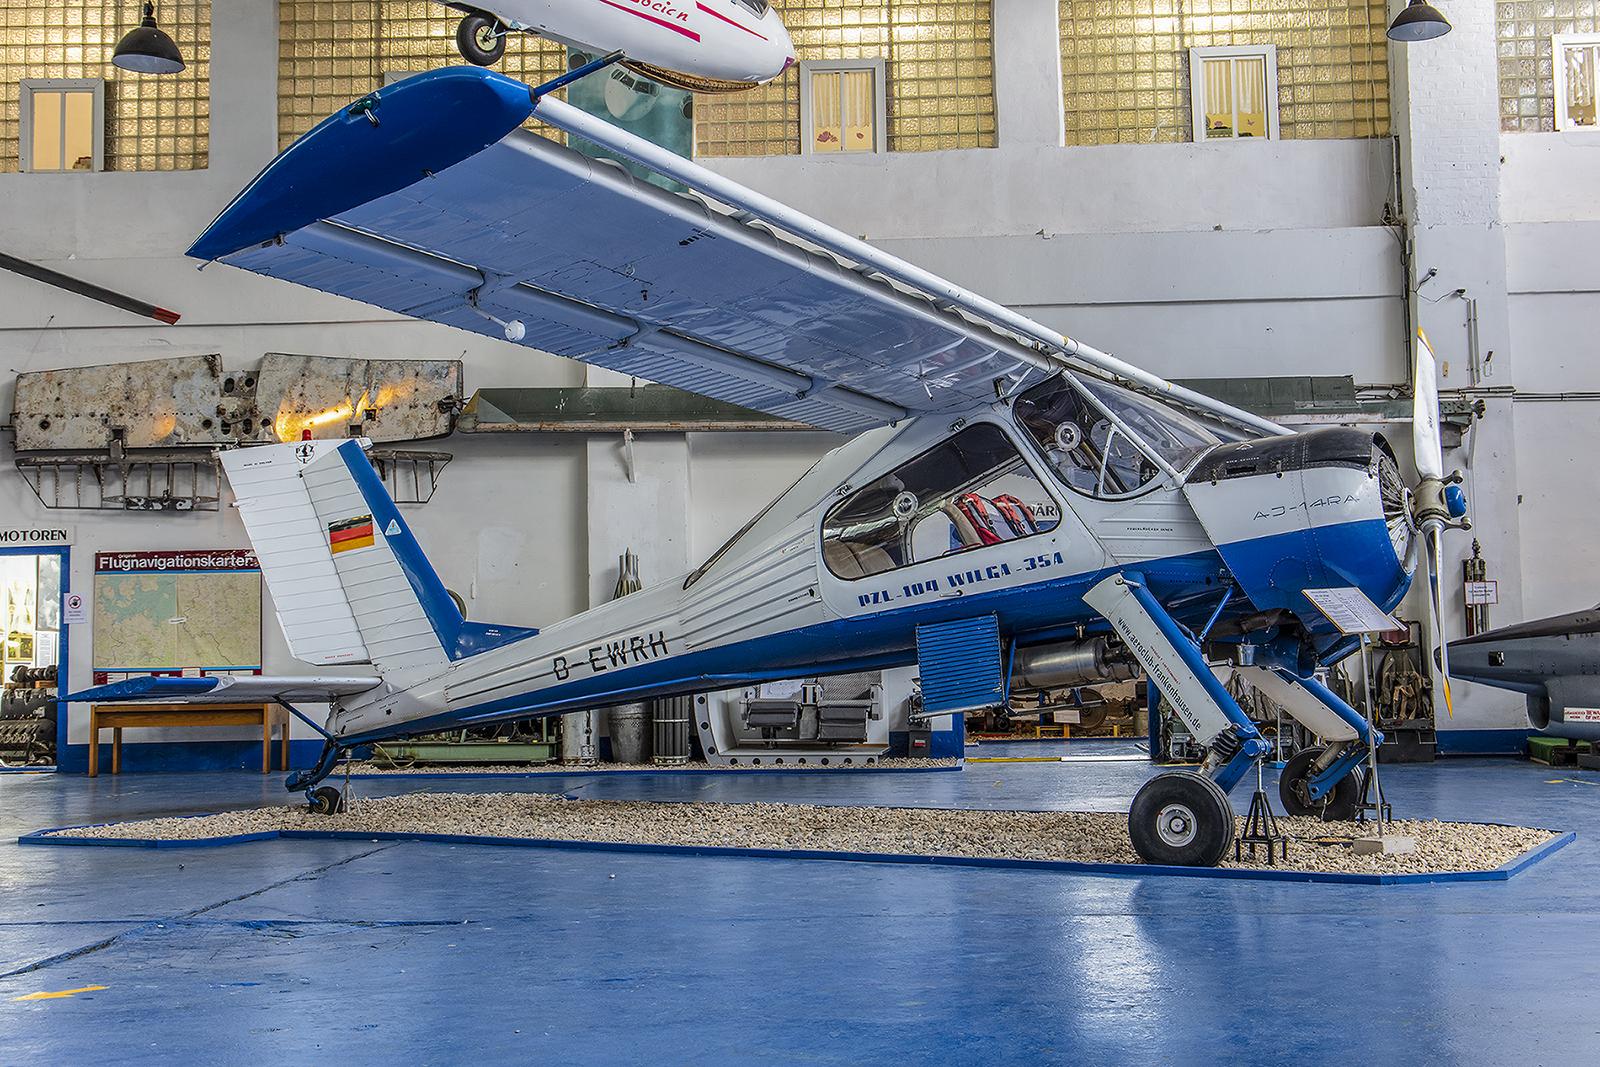 Merseburg - PZL 104 Wilga, siediente u.a. der GST als Schleppflugzeug.